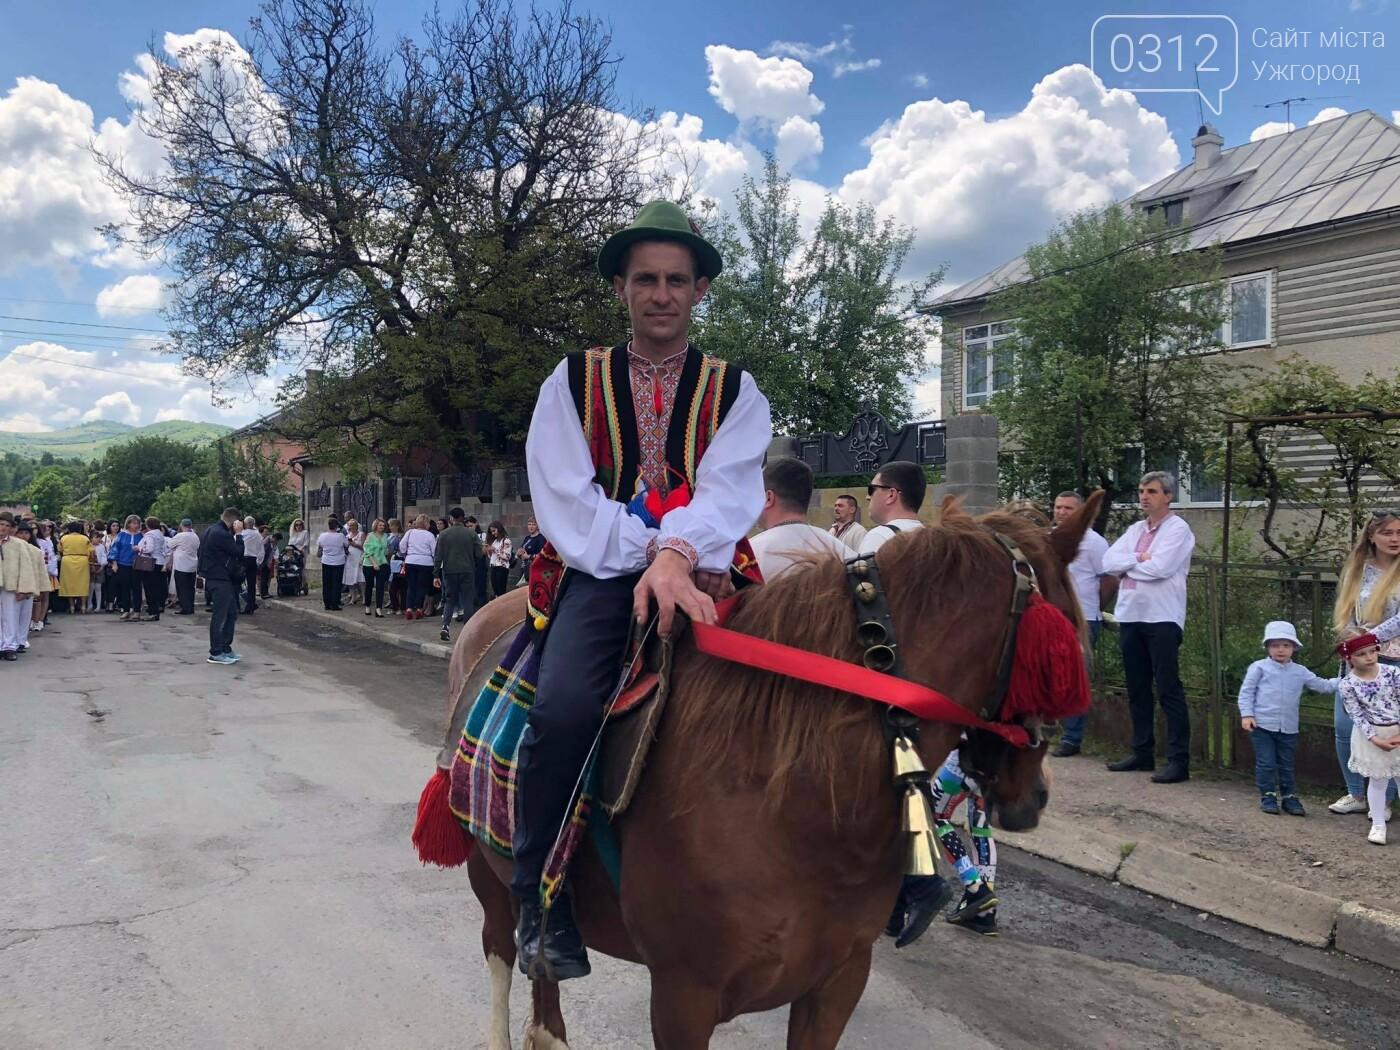 Добра традиція: на Міжгірщині урочисто провели отари на полонину (ФОТО, ВІДЕО), фото-12